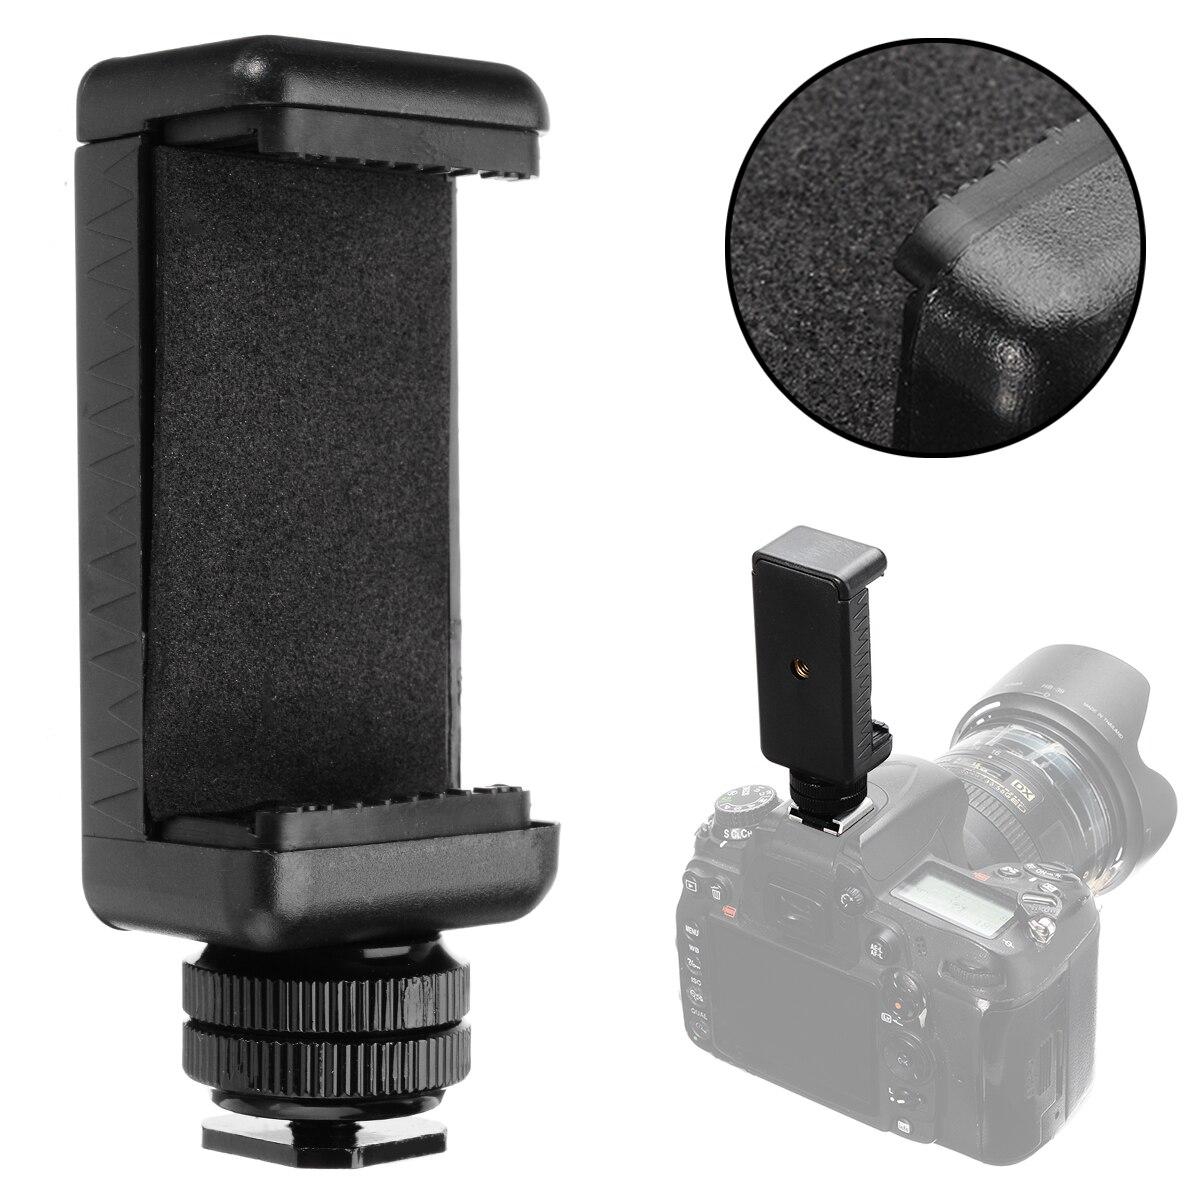 Onsale alta qualidade 1/4 Polegada telefone clipe titular + sapato quente adaptador de montagem preto para câmera mayitr